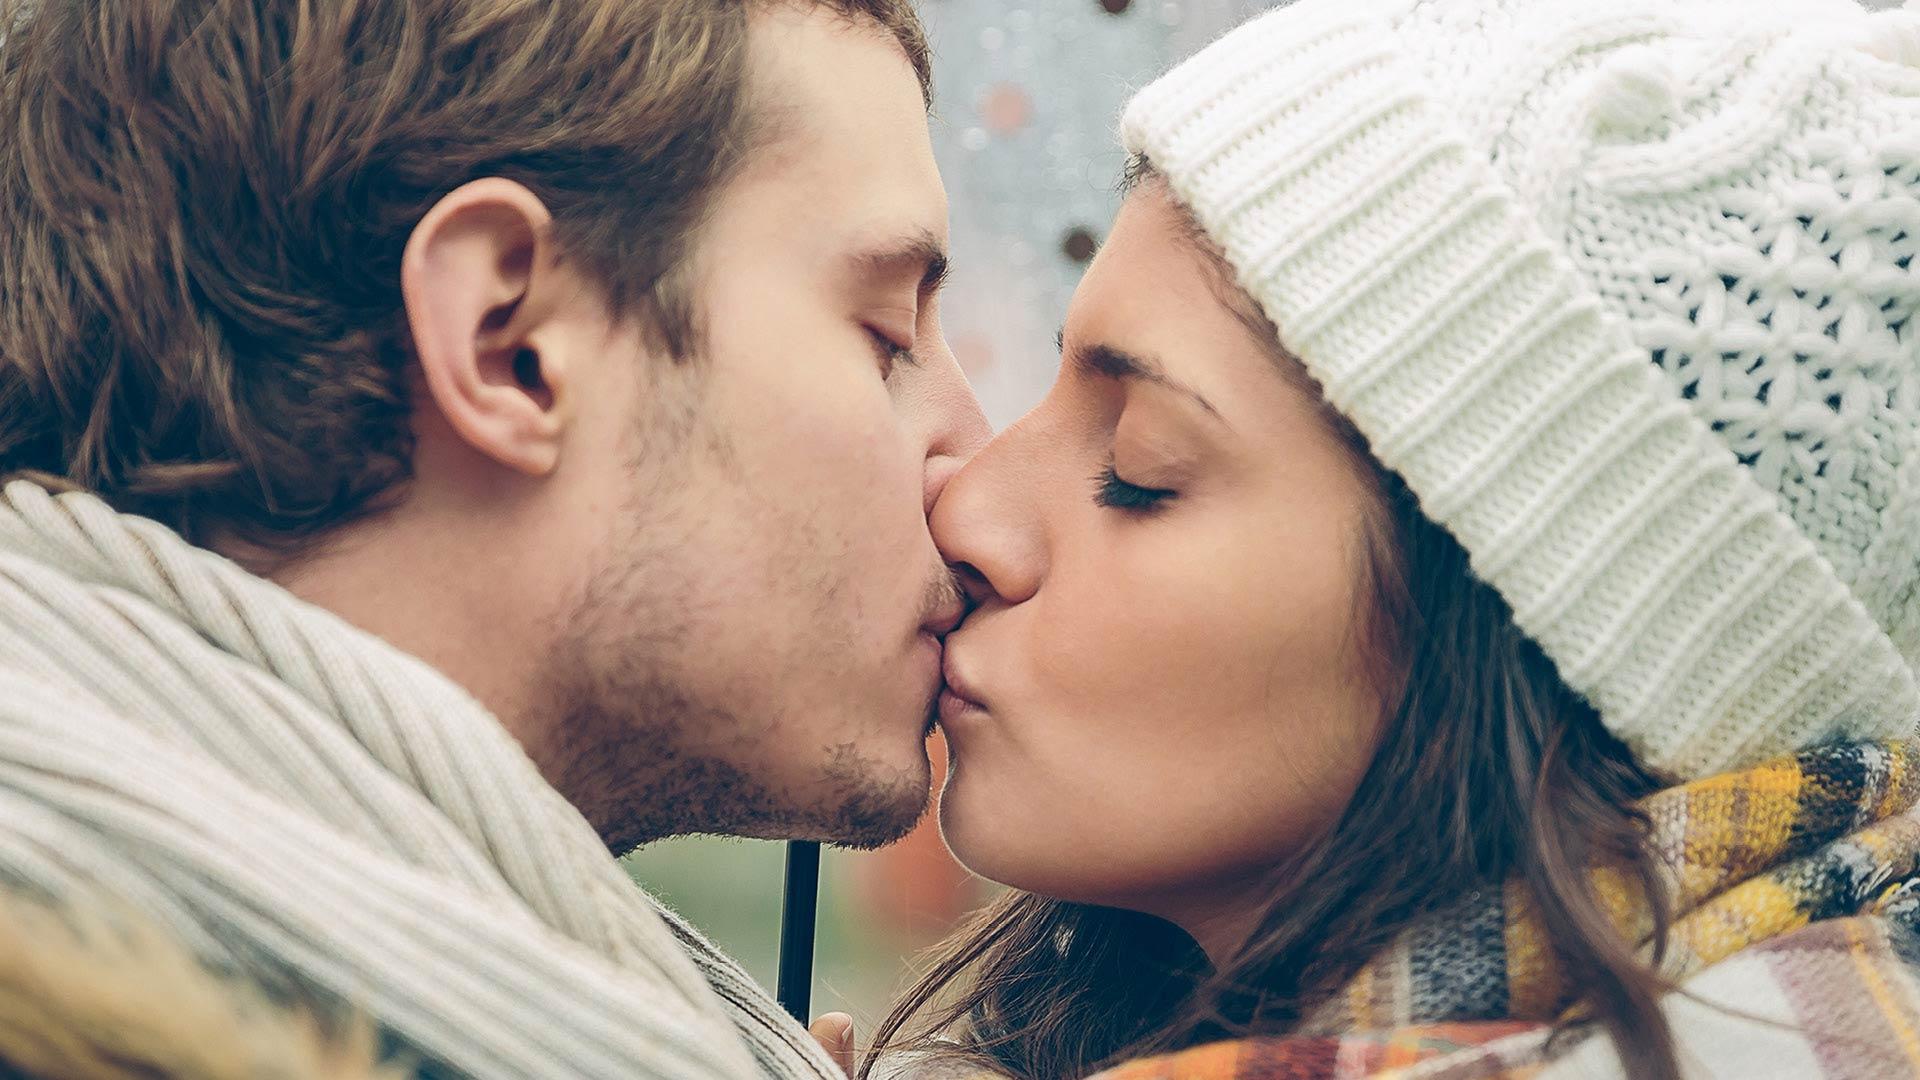 mand og kvinde kysser